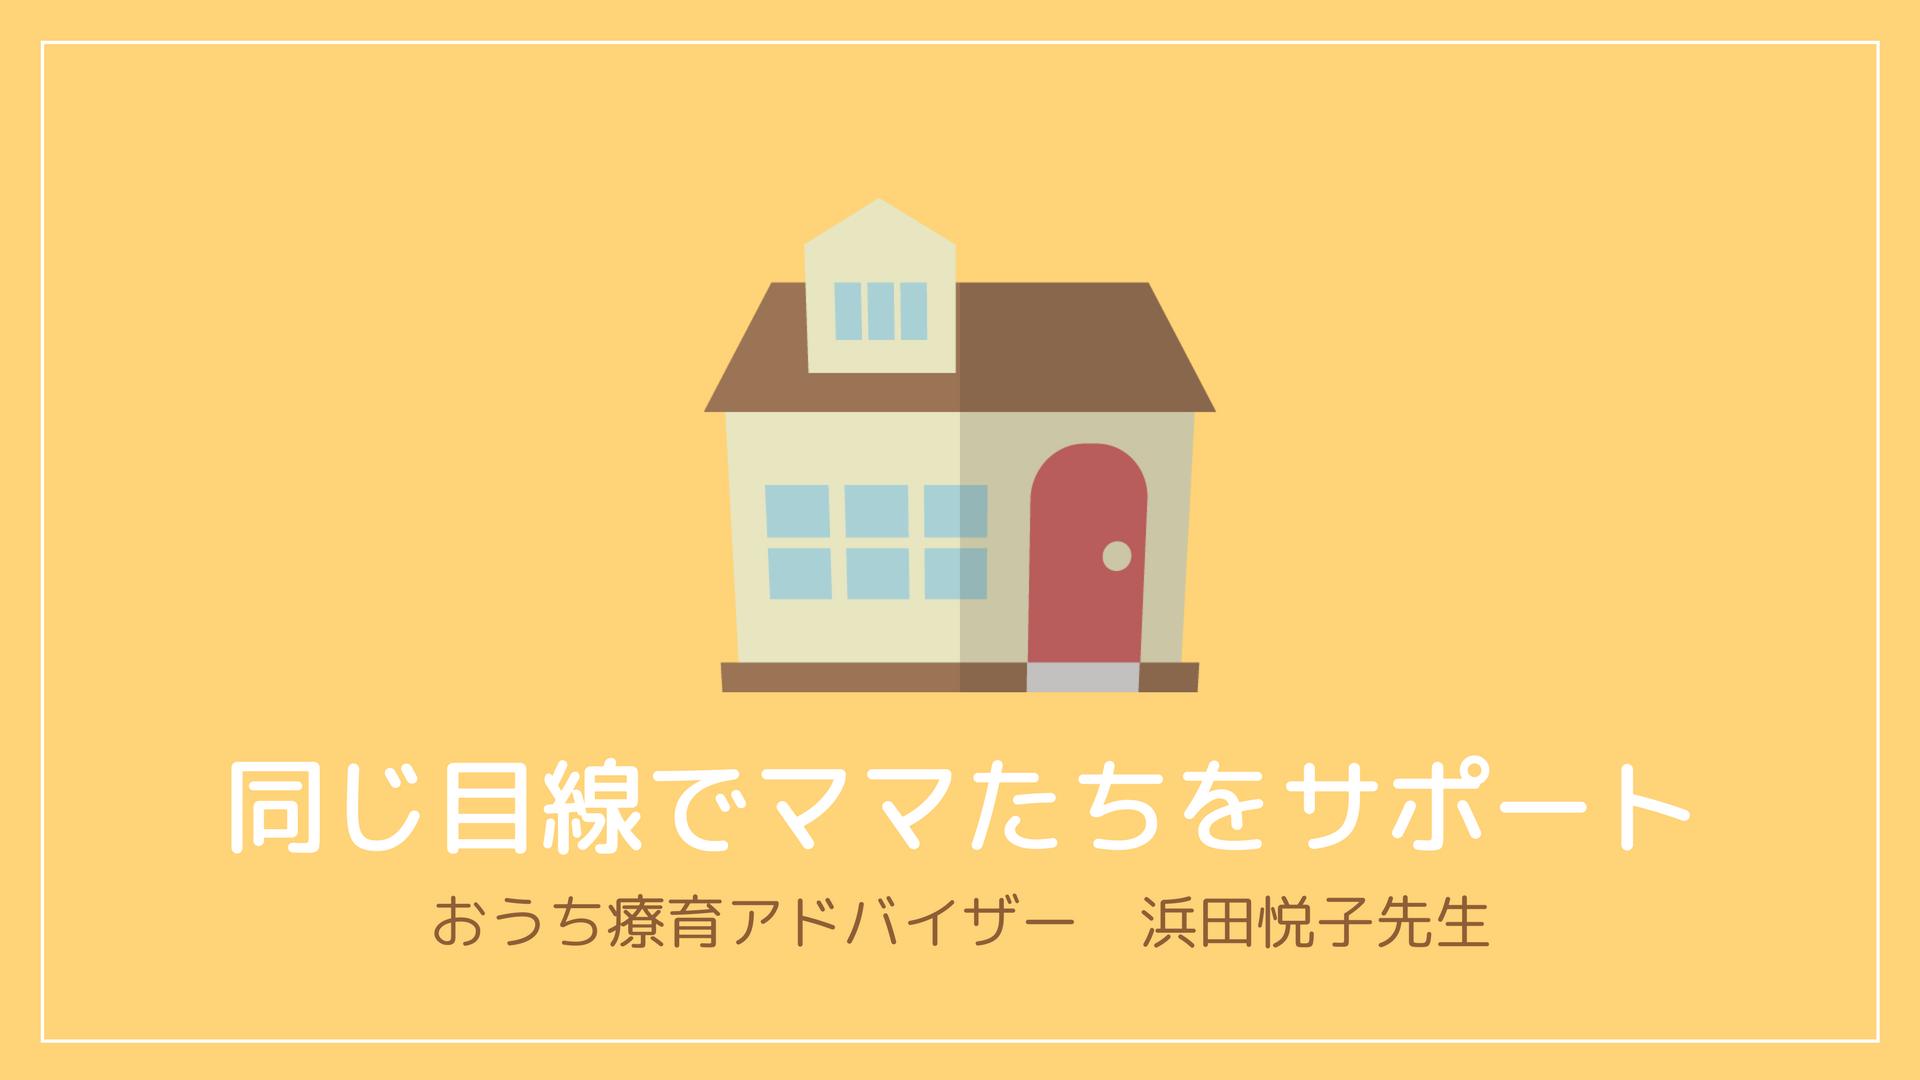 おうち療育アドバイザー 浜田悦子先生インタビュー